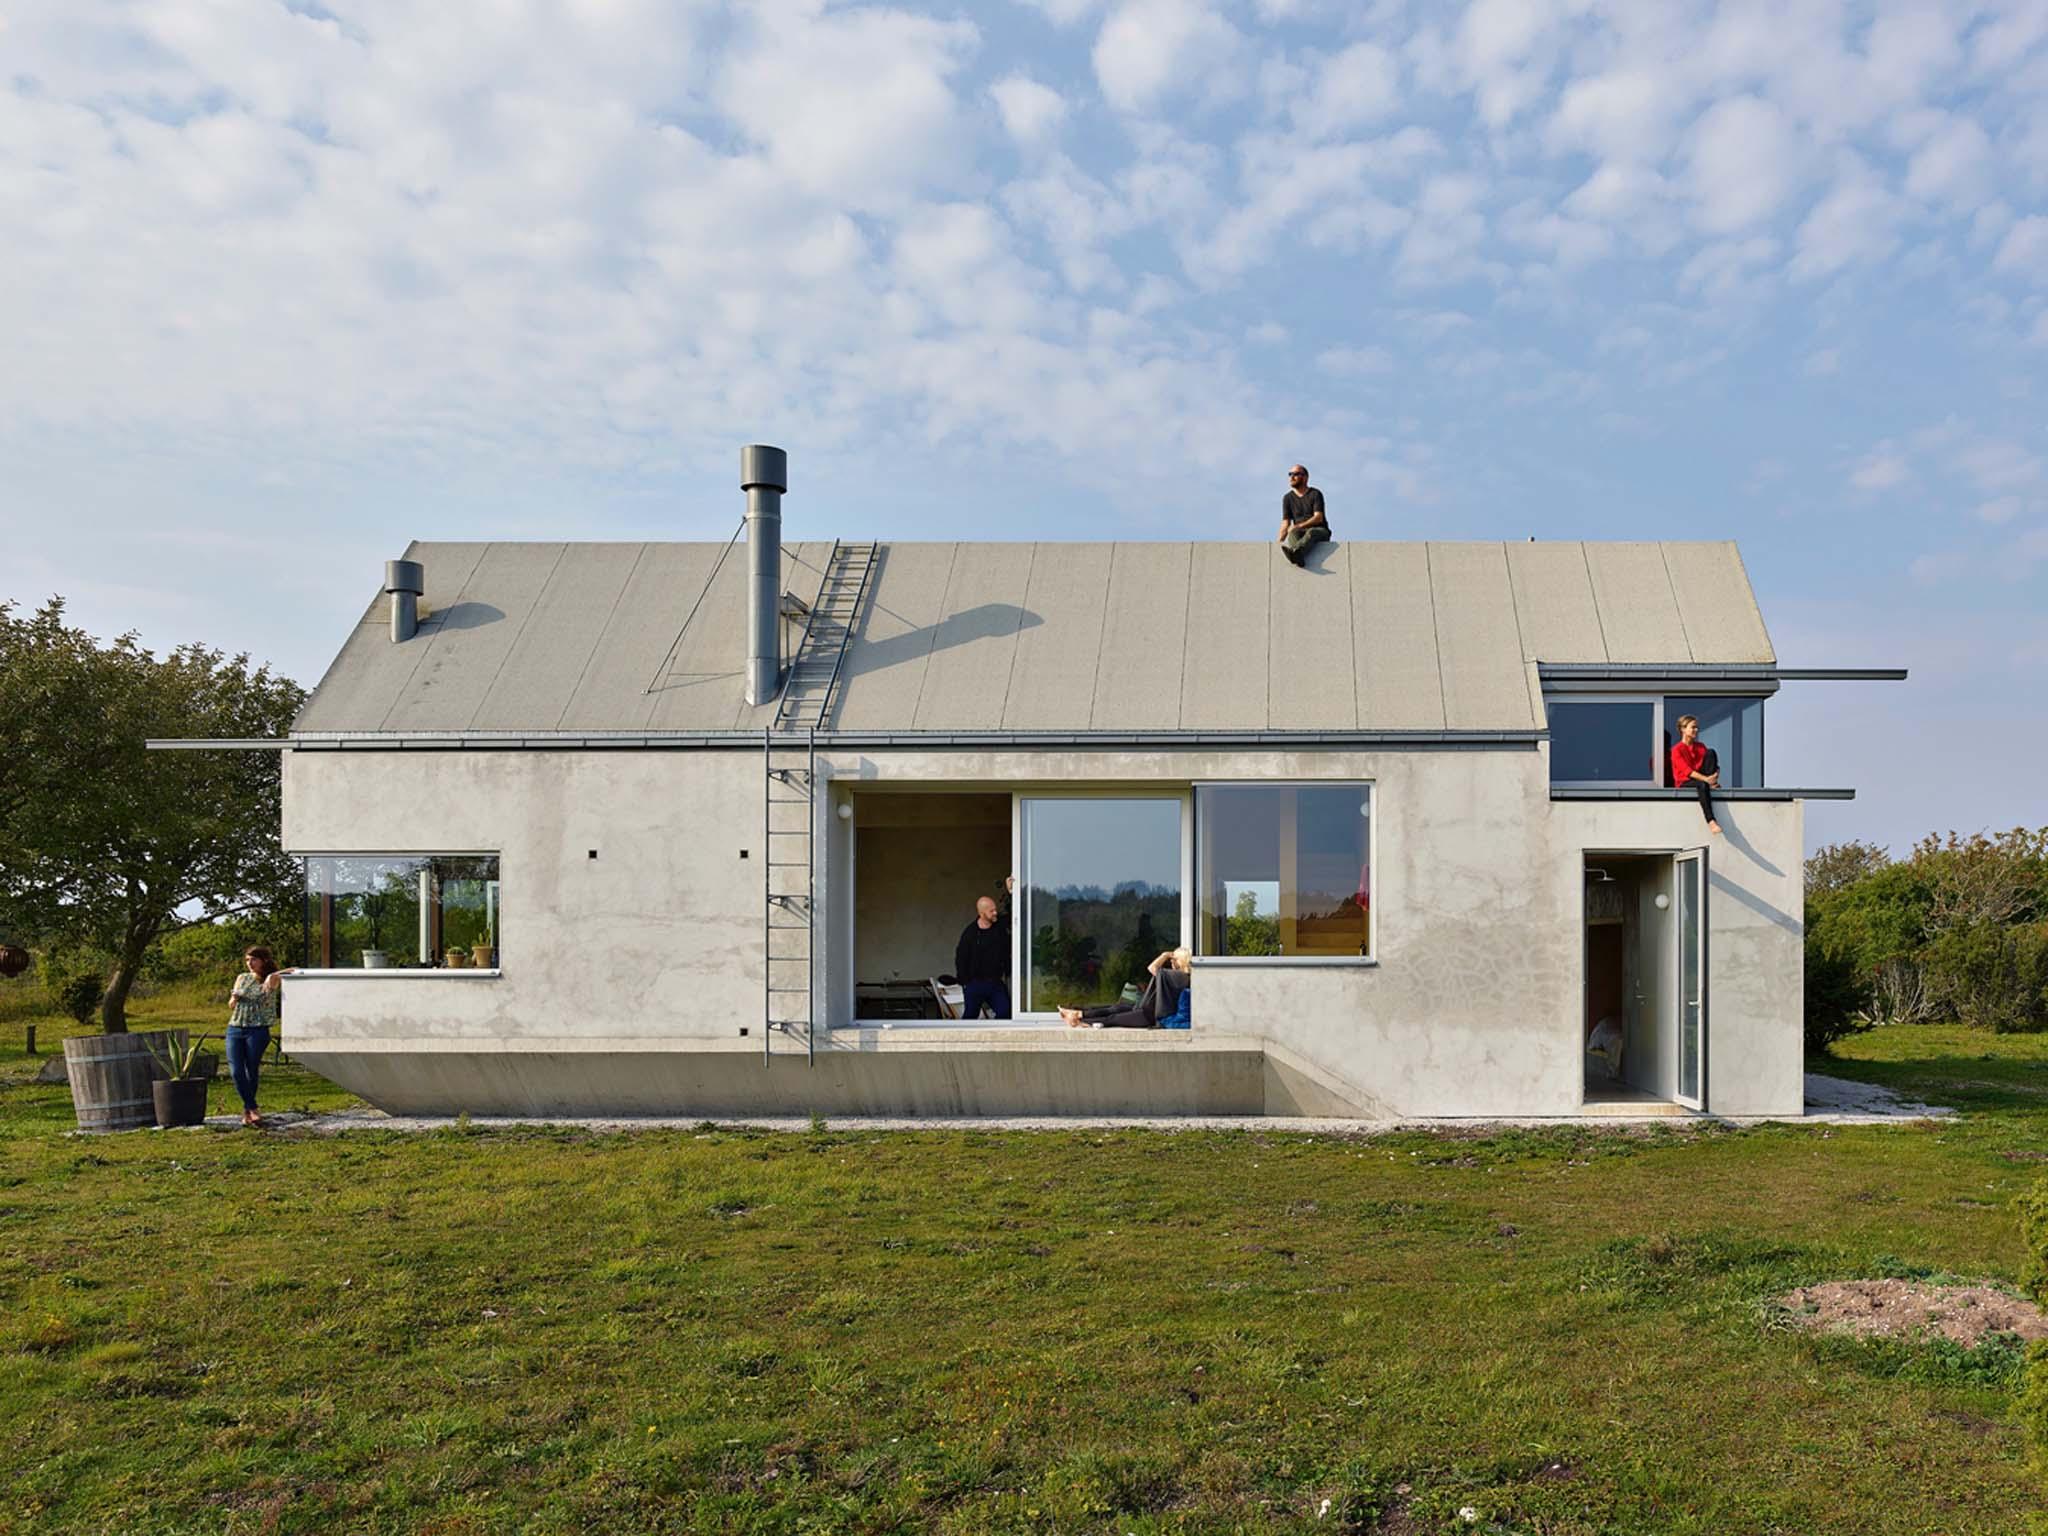 La Maison De La Suede la maison-paysage consacrée par le kasper salin 2018